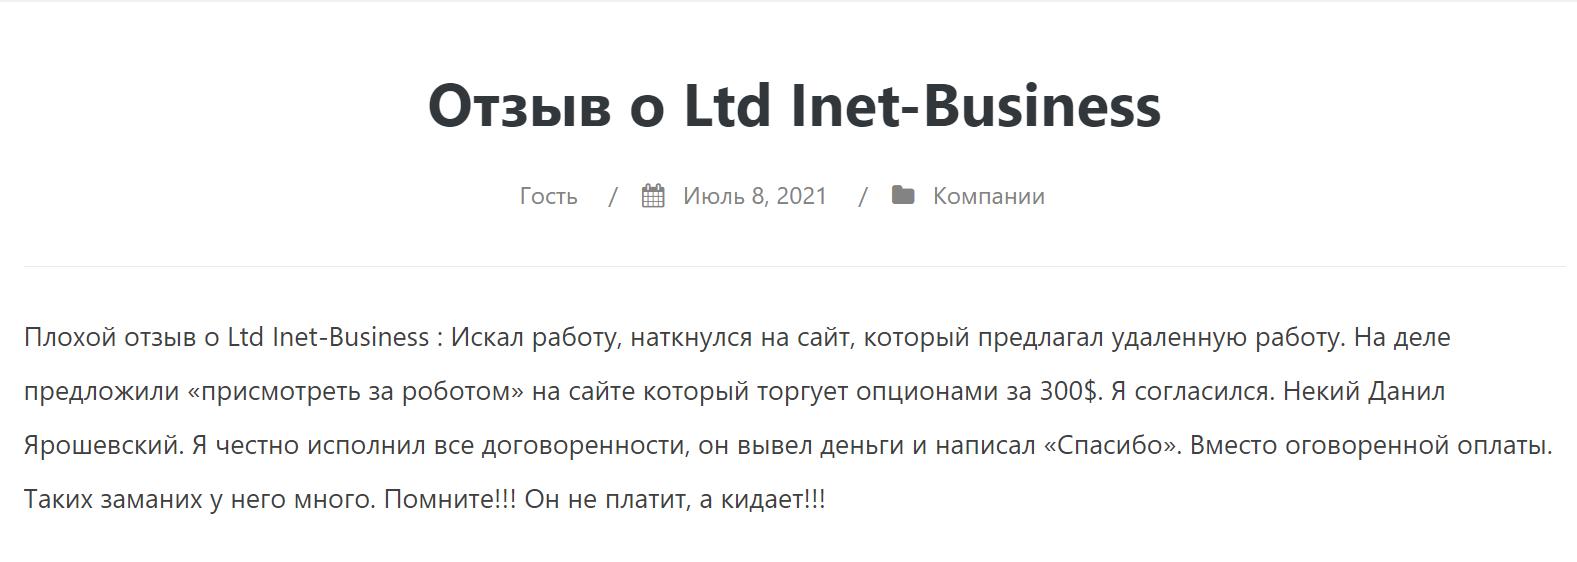 Плохой отзыв о Лтд Инет Бизнес